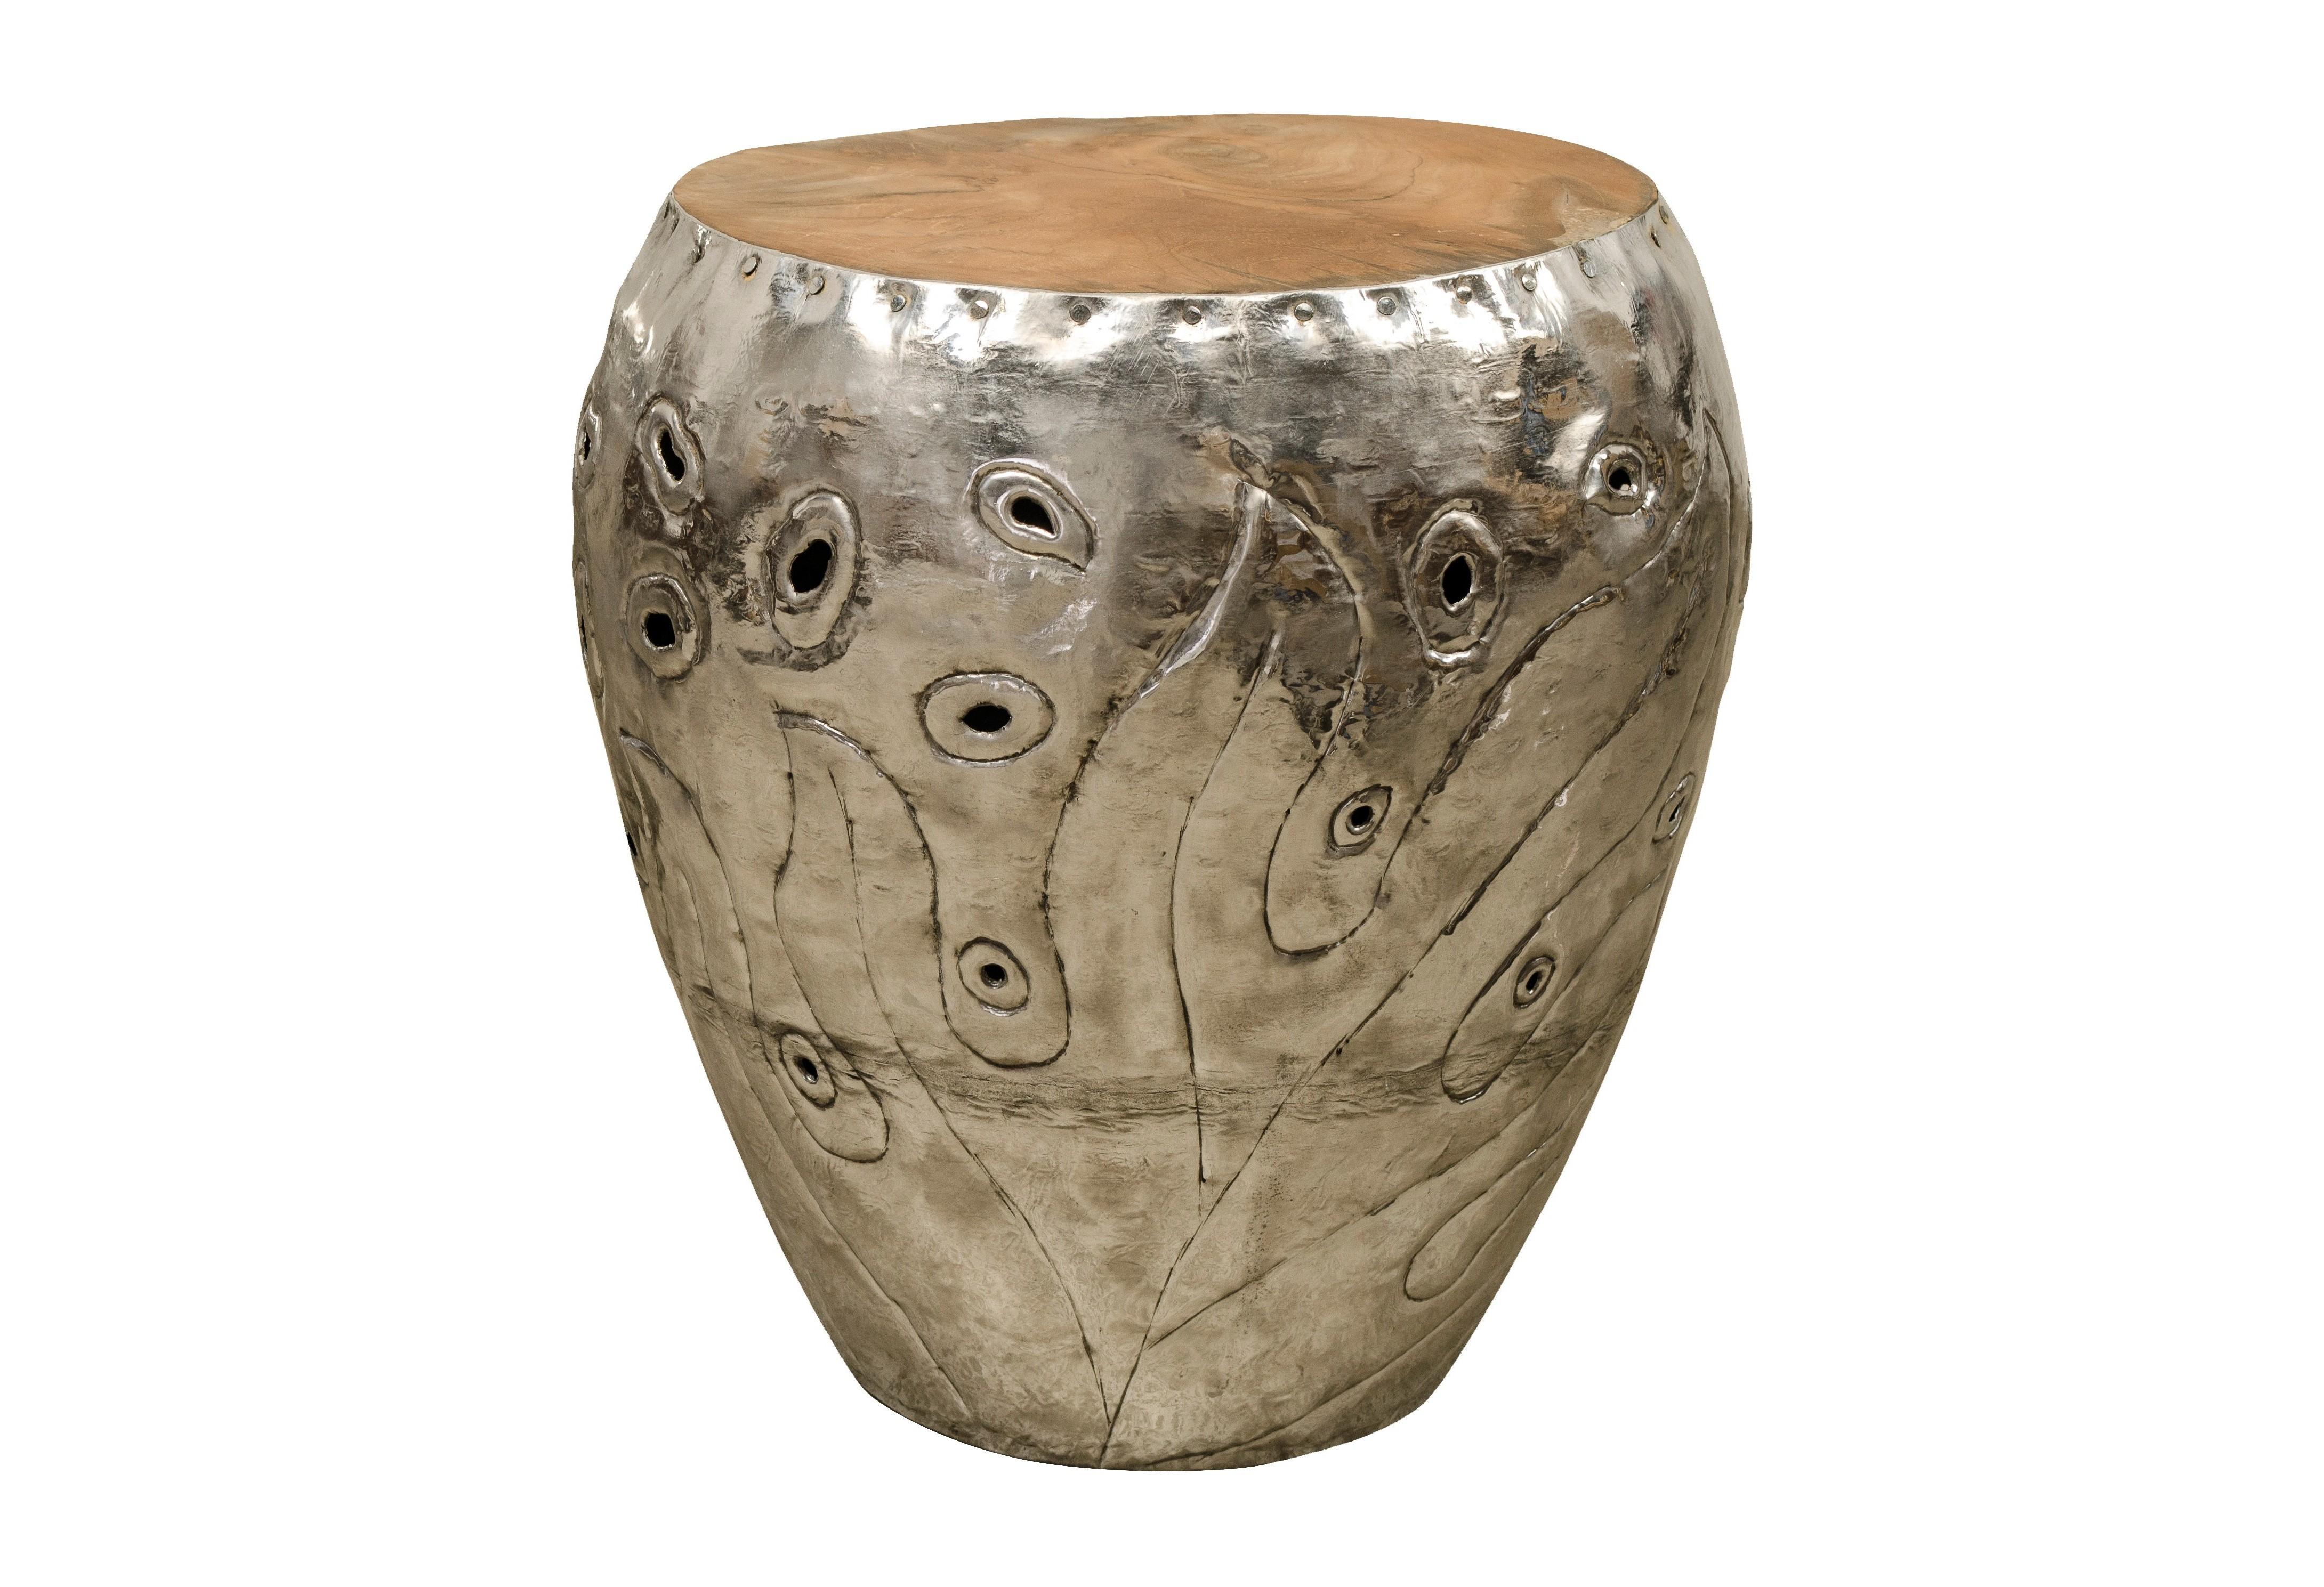 Столик KendangПриставные столики<br>Столик - табурет металлический с деревянной столешницей из тика.&amp;amp;nbsp;<br><br>Material: Металл<br>Height см: 45<br>Diameter см: 41